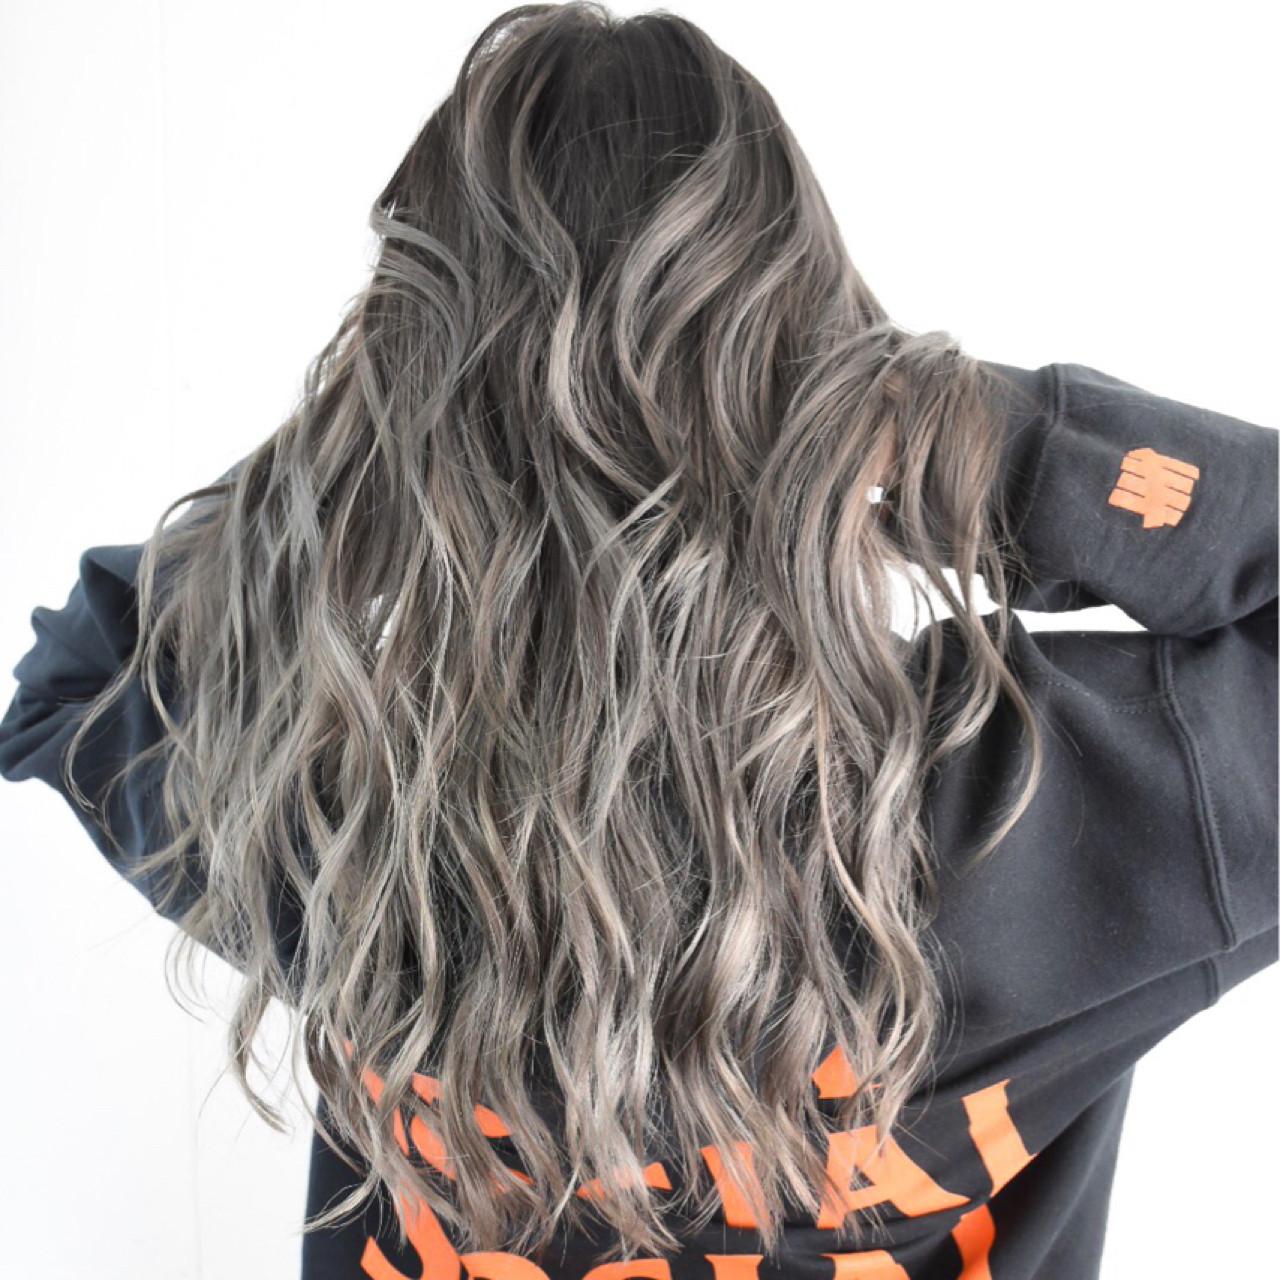 ロング ストリート バレイヤージュ ハイライト ヘアスタイルや髪型の写真・画像 | 池谷 翔平 / zelo